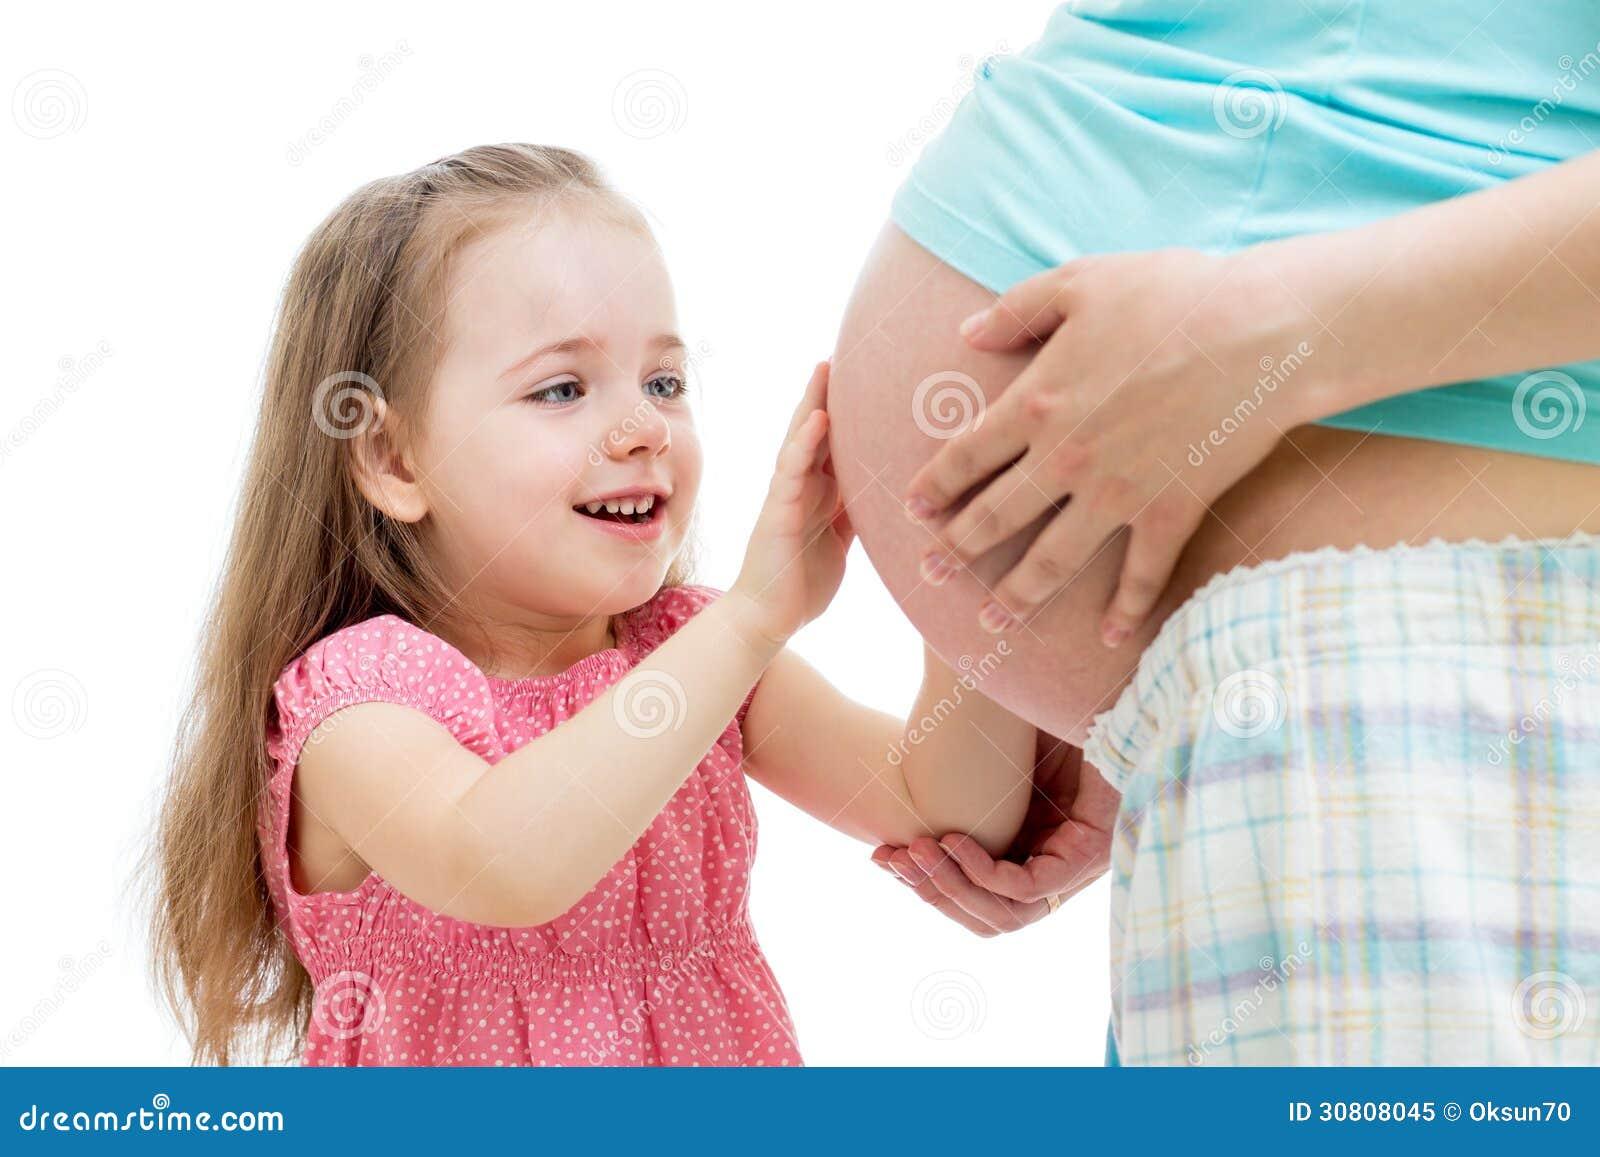 Дети трогают женщин фото